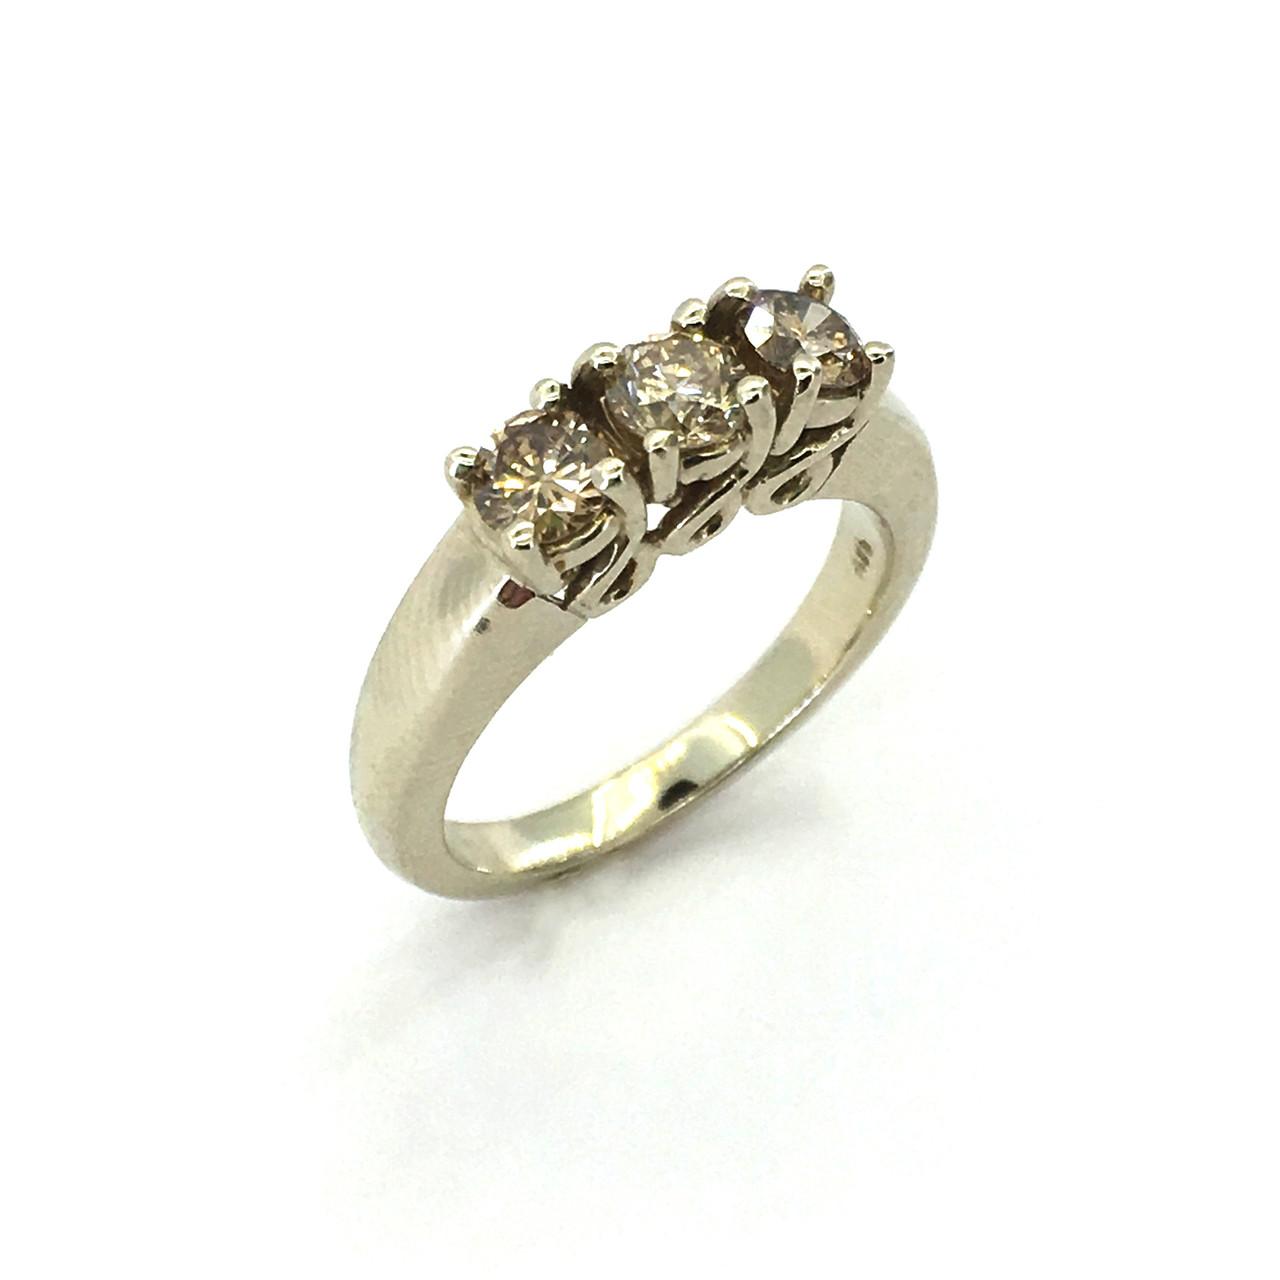 Золотое кольцо с бриллиантами цвета шампань